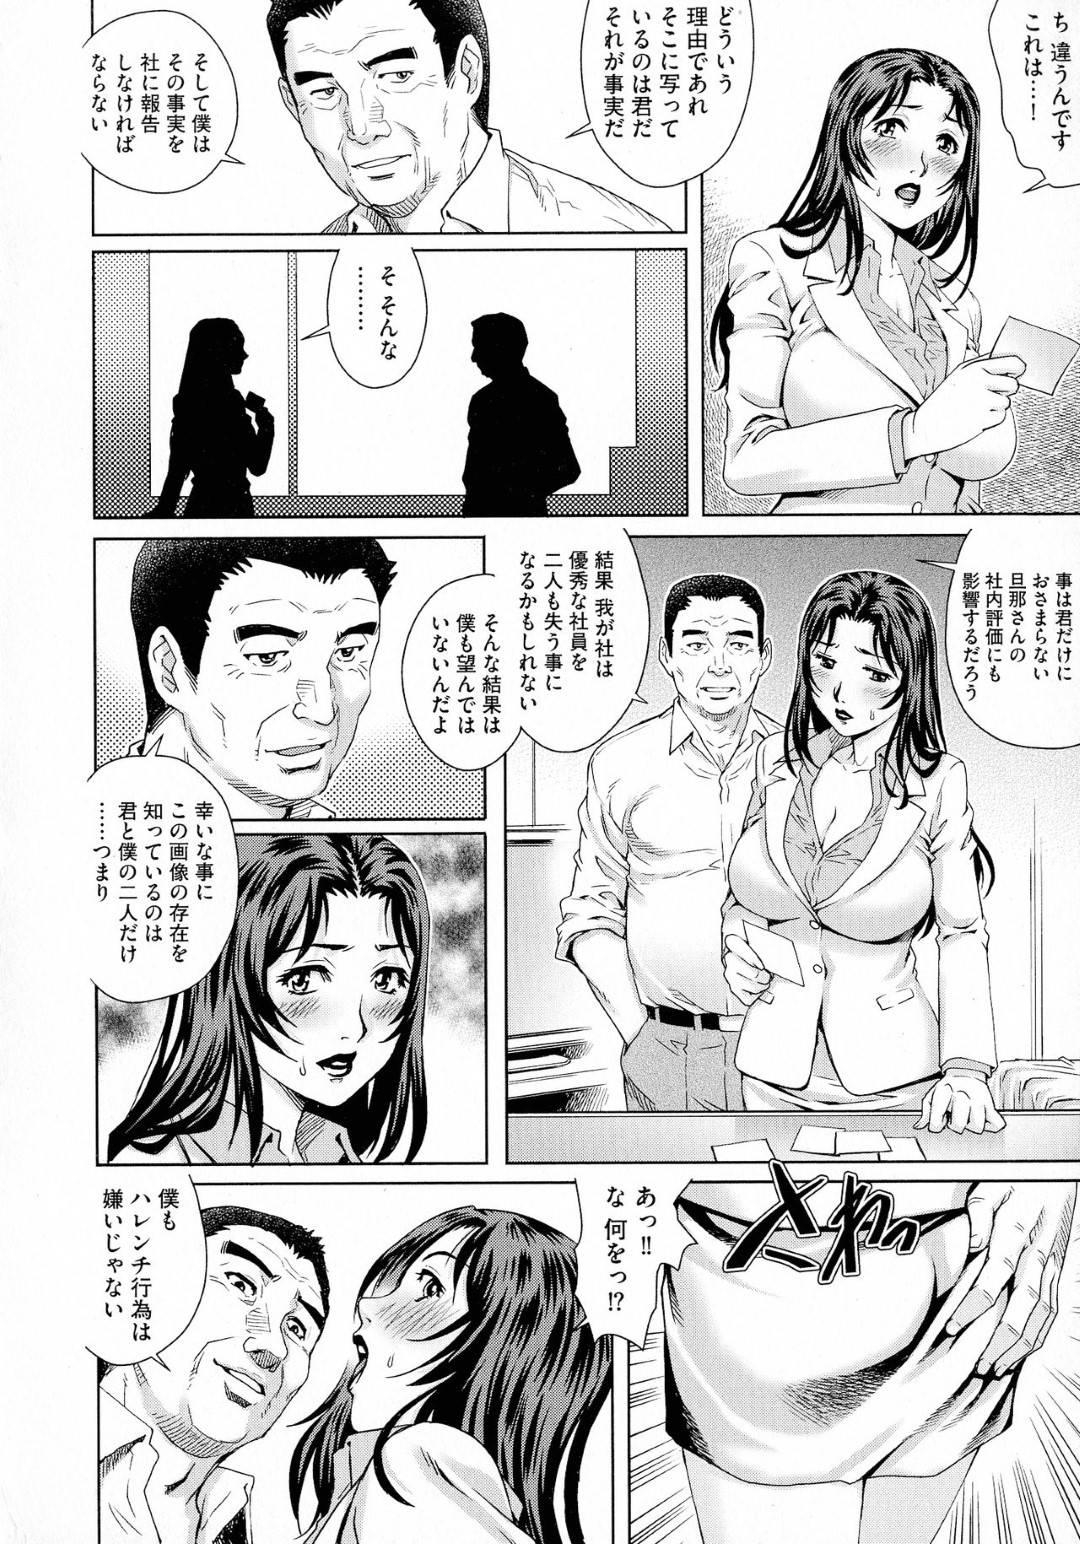 【エロ漫画】部下と部長に犯される人妻主任の宮沢…宮沢主任は部下である小野に迫られオフィスでレズセックスしてしまう!このことが、田代部長にバレてしまいホテルで口止めとして、部長にレイプされる!部長に犯されていると小野がホテルに入ってきて、隠しカメラを置いたこと部長に逆らえない事を言われ、宮沢は2人に嵌められた事を知り絶望しながらも快楽に堕ちていく【やながわ理央:ネトラレ愛玩妻 NTR5 ハメられた人妻OL】